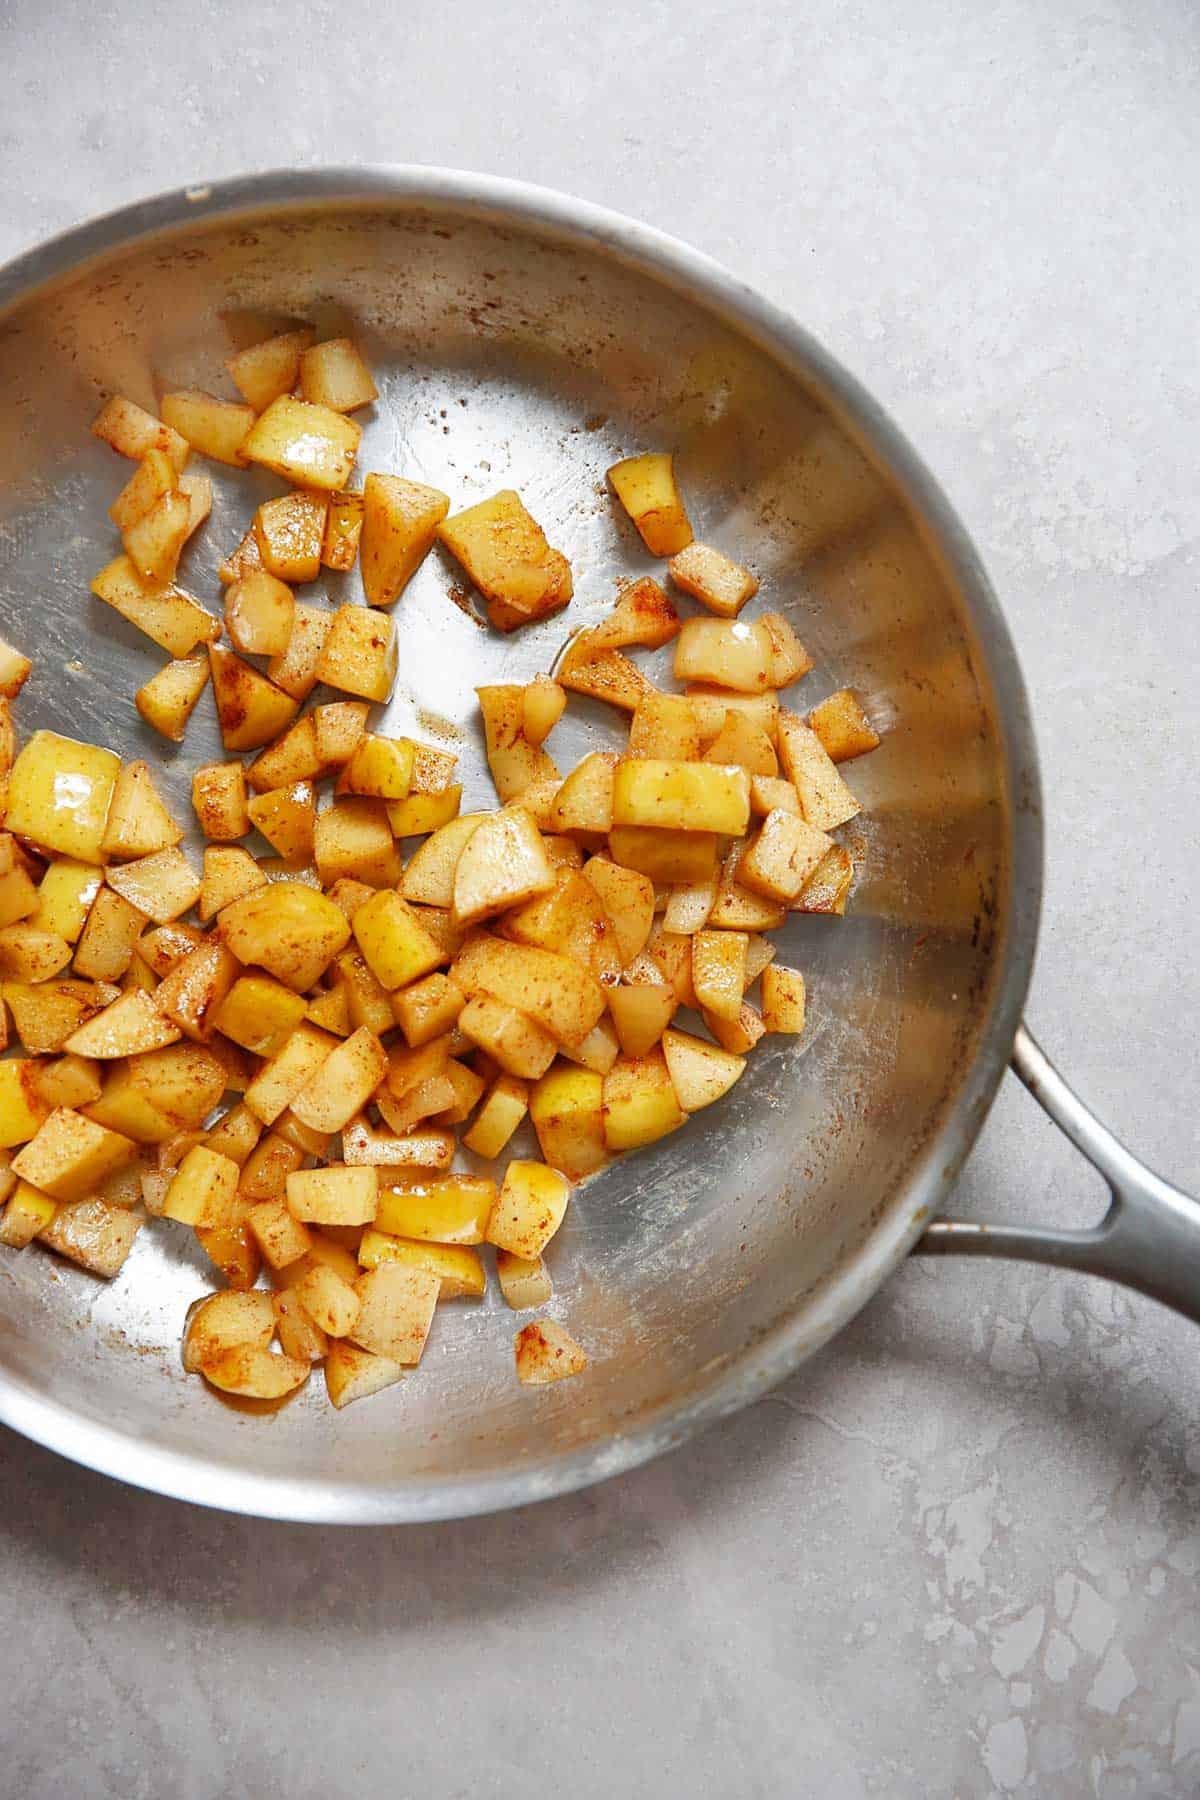 Cinnamon apples in a pan